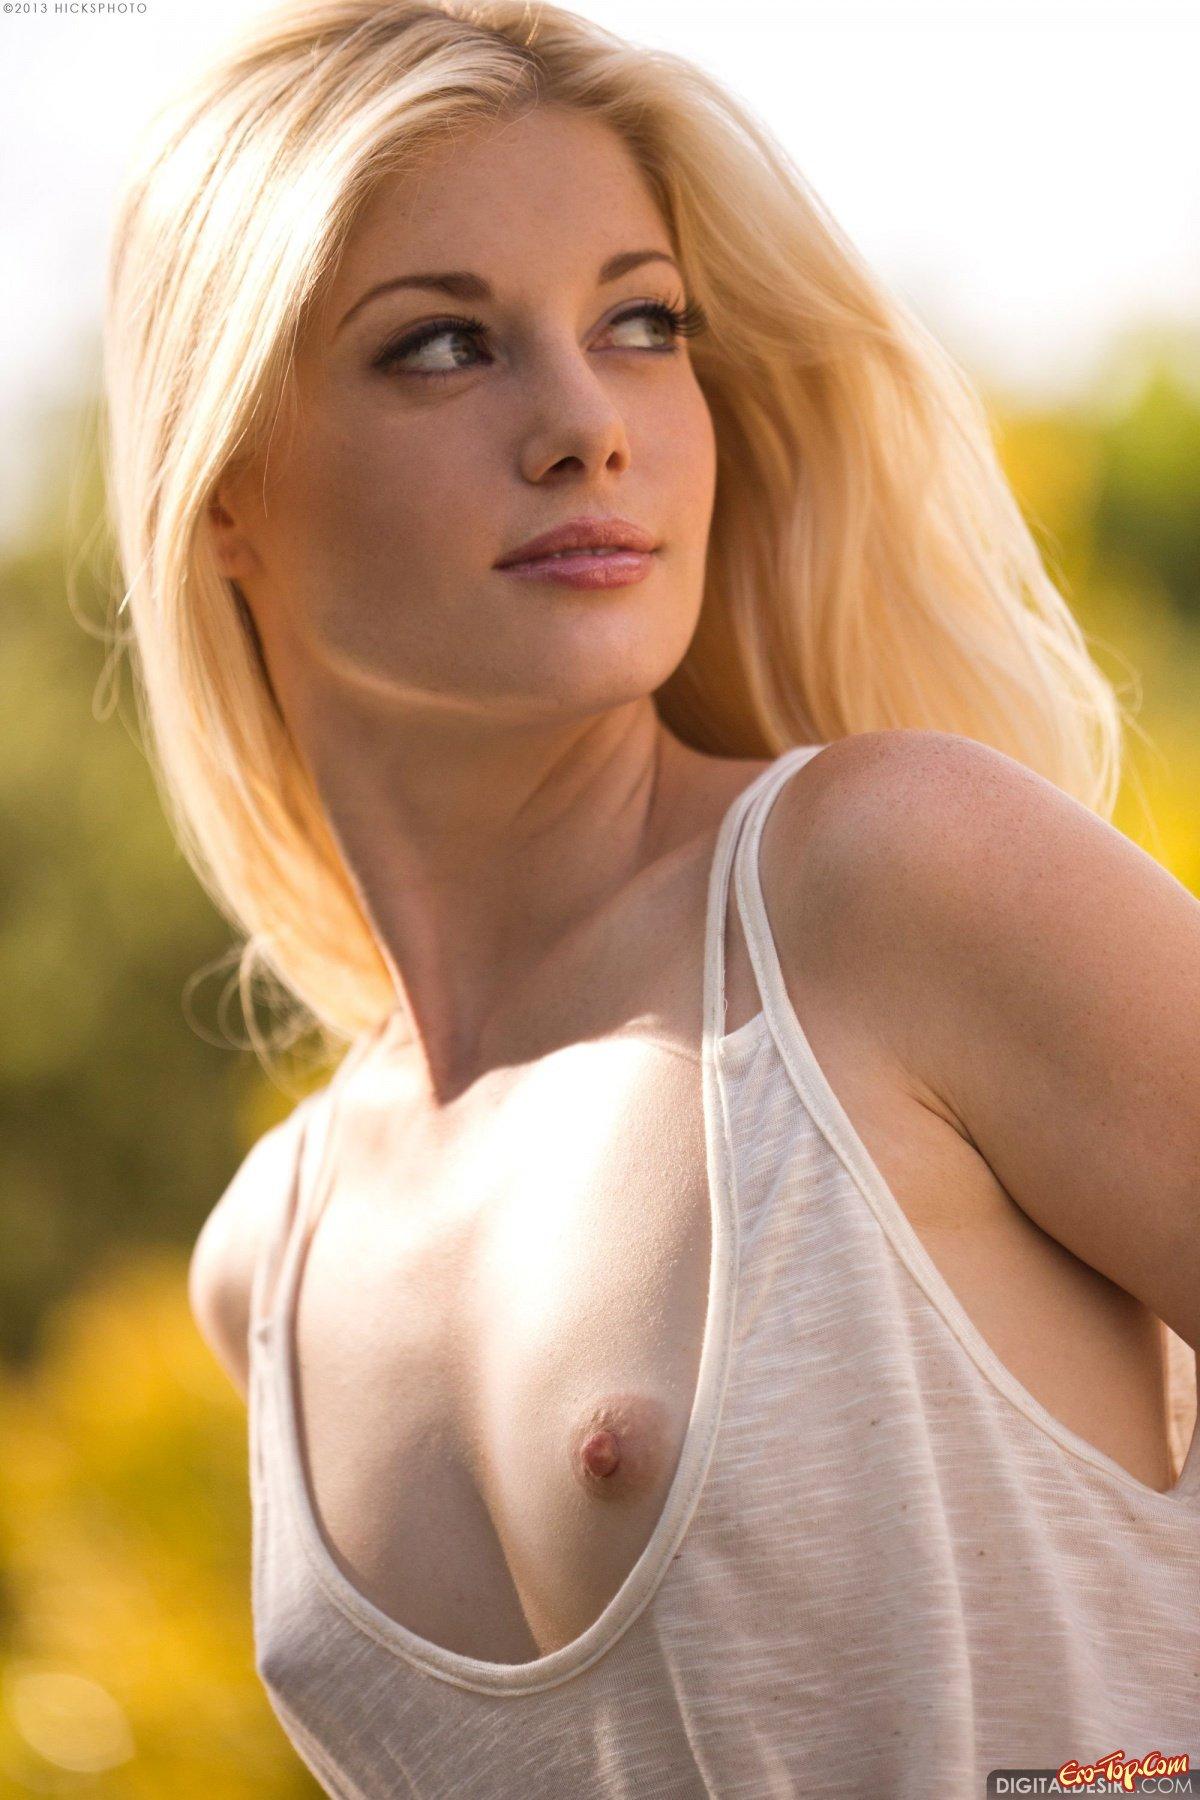 Блондинка в белой майке секс фото